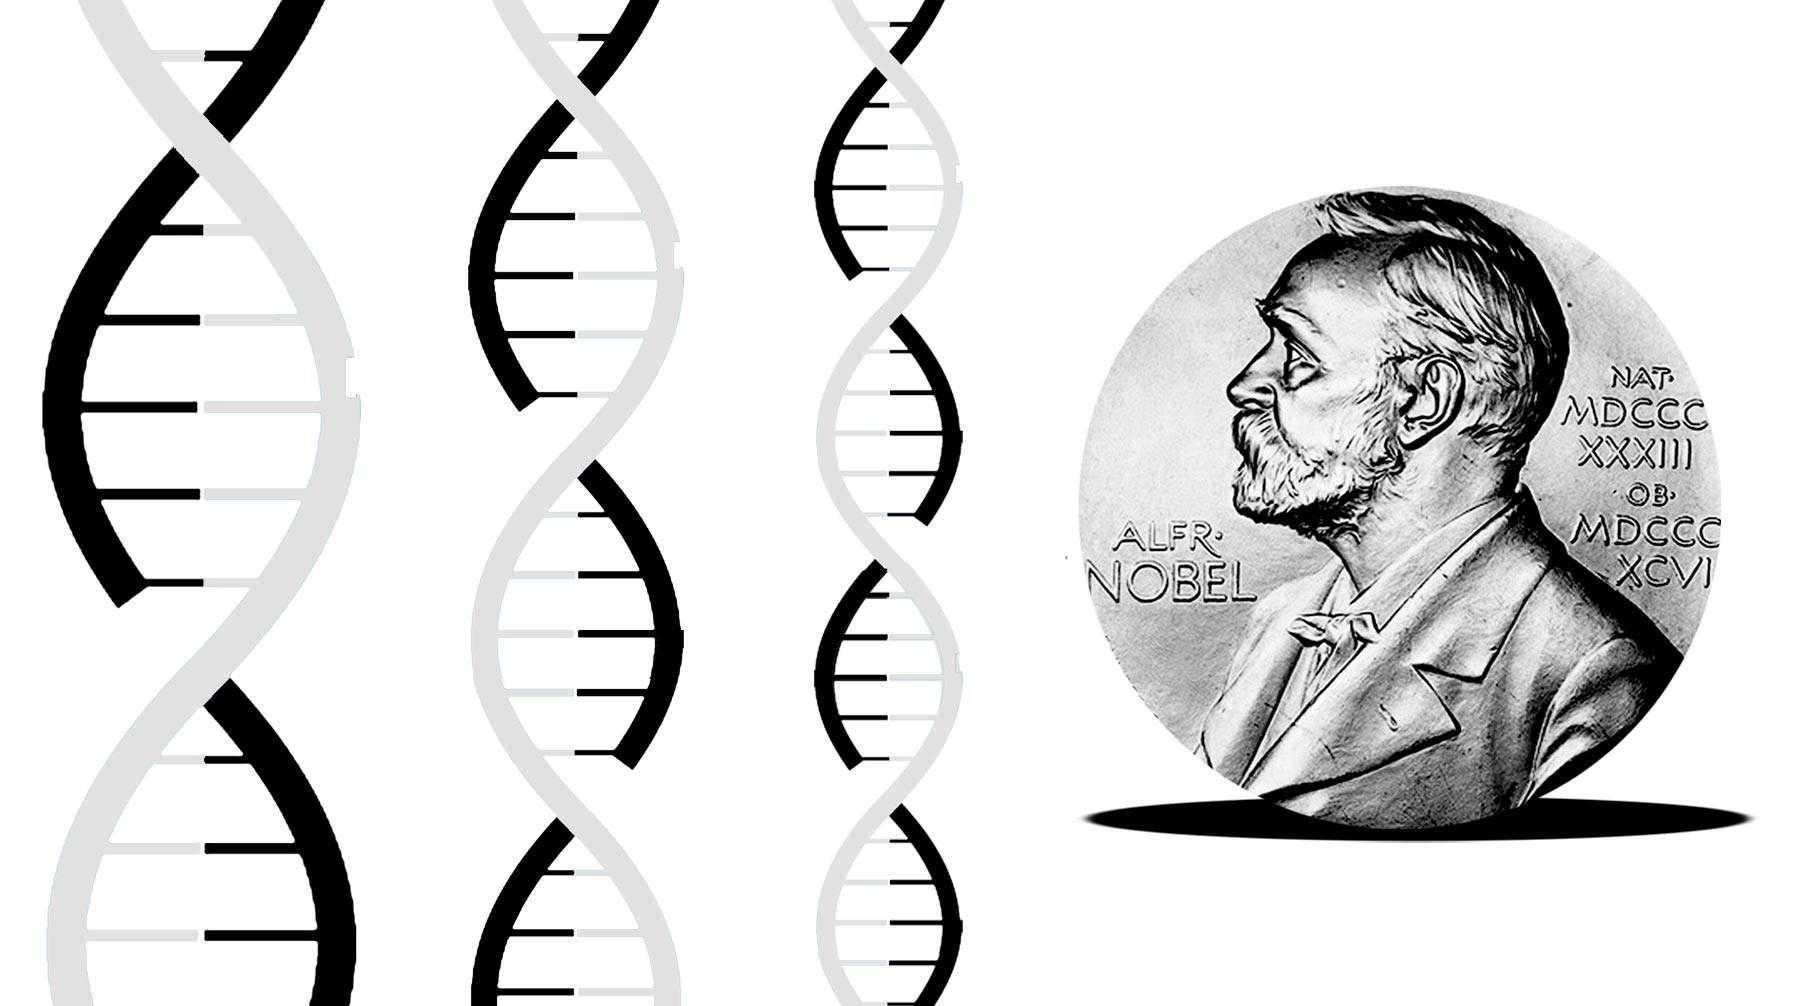 Нобелевскую премию по химии присудили за метод редактирования генома crispr/cas9